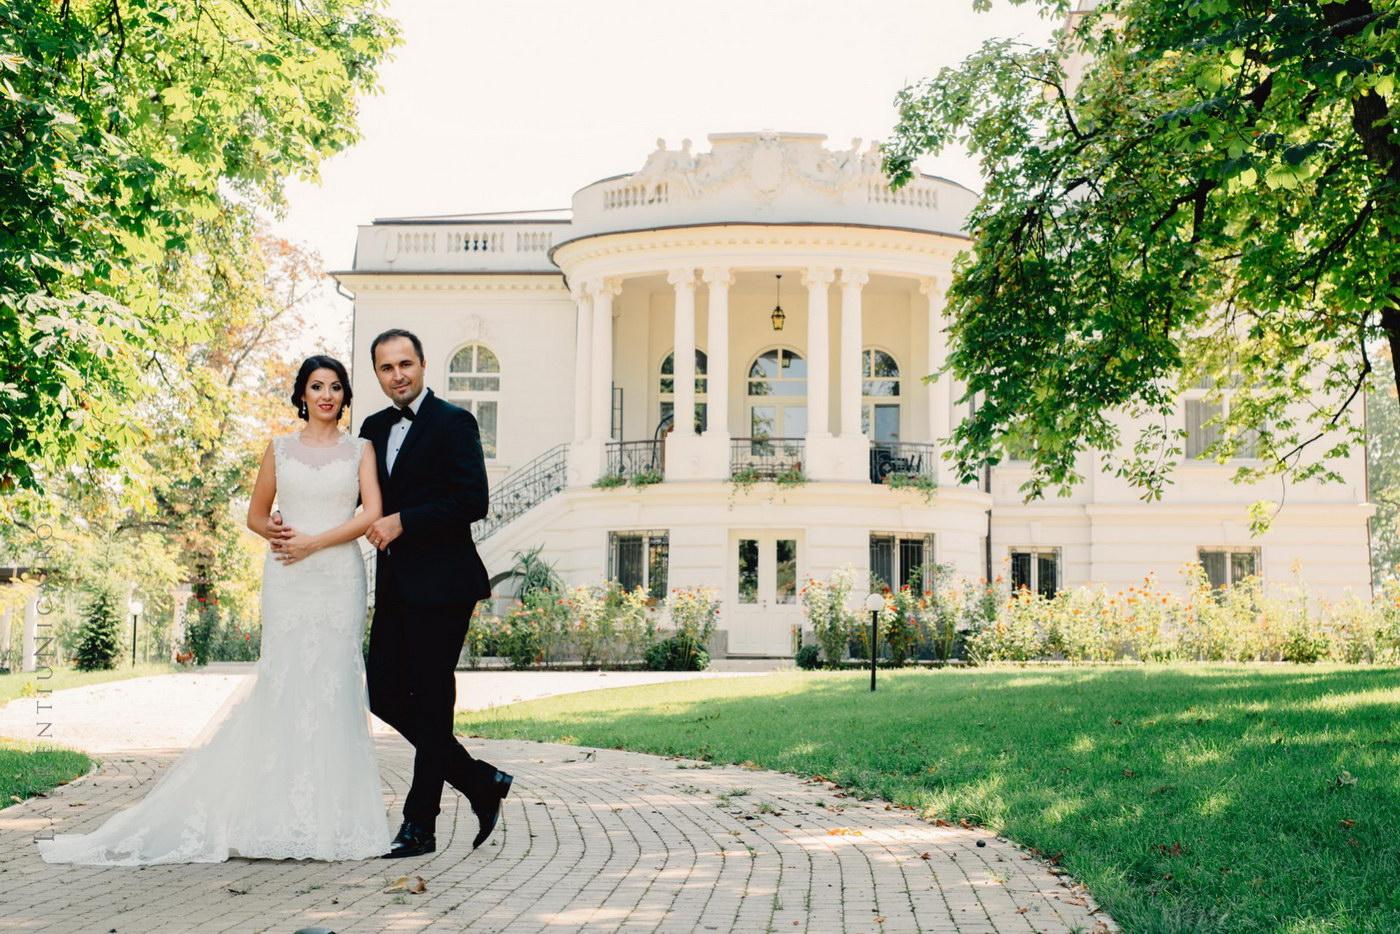 Locatii din Craiova pentru sedinta de nunta foto si video